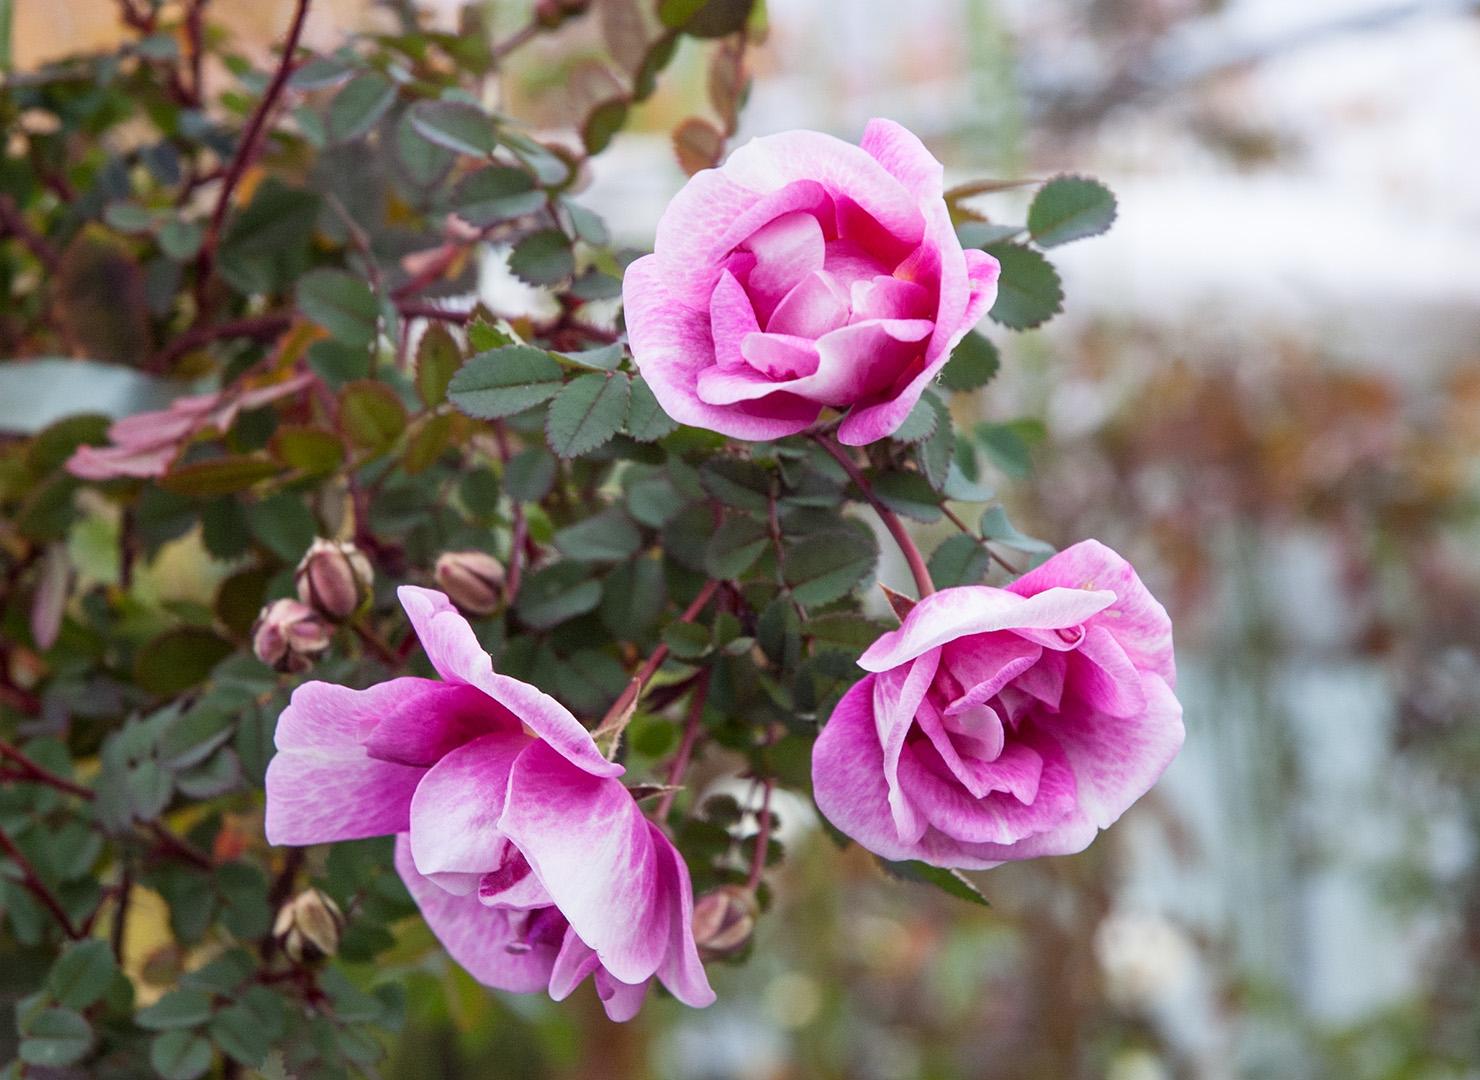 ロサ スピノシシマ ビカラー - Rosa spinosissima bicolor